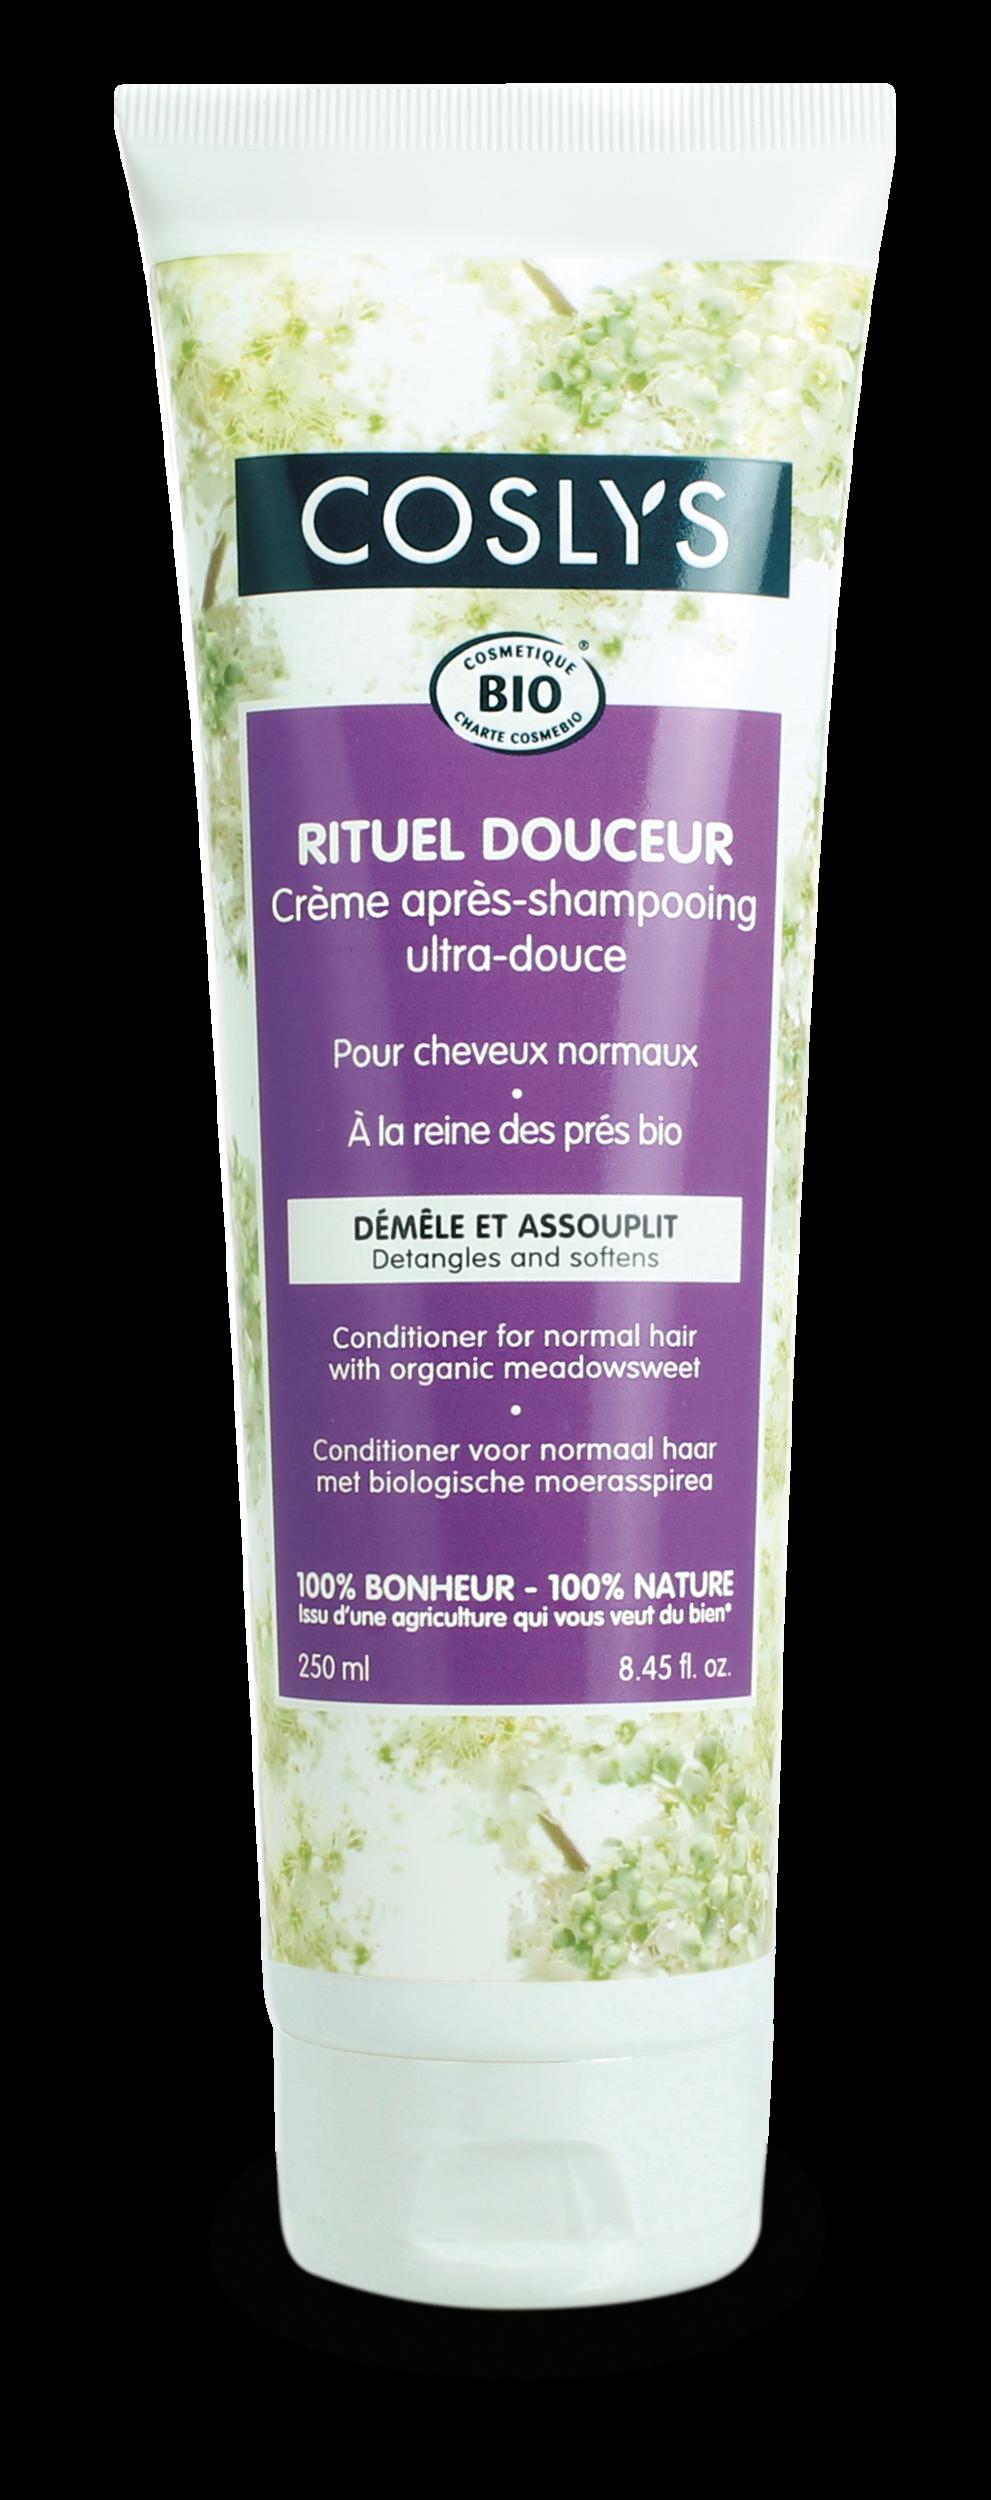 Coslys- Crème Apres shamp cheveux normaux 250ml